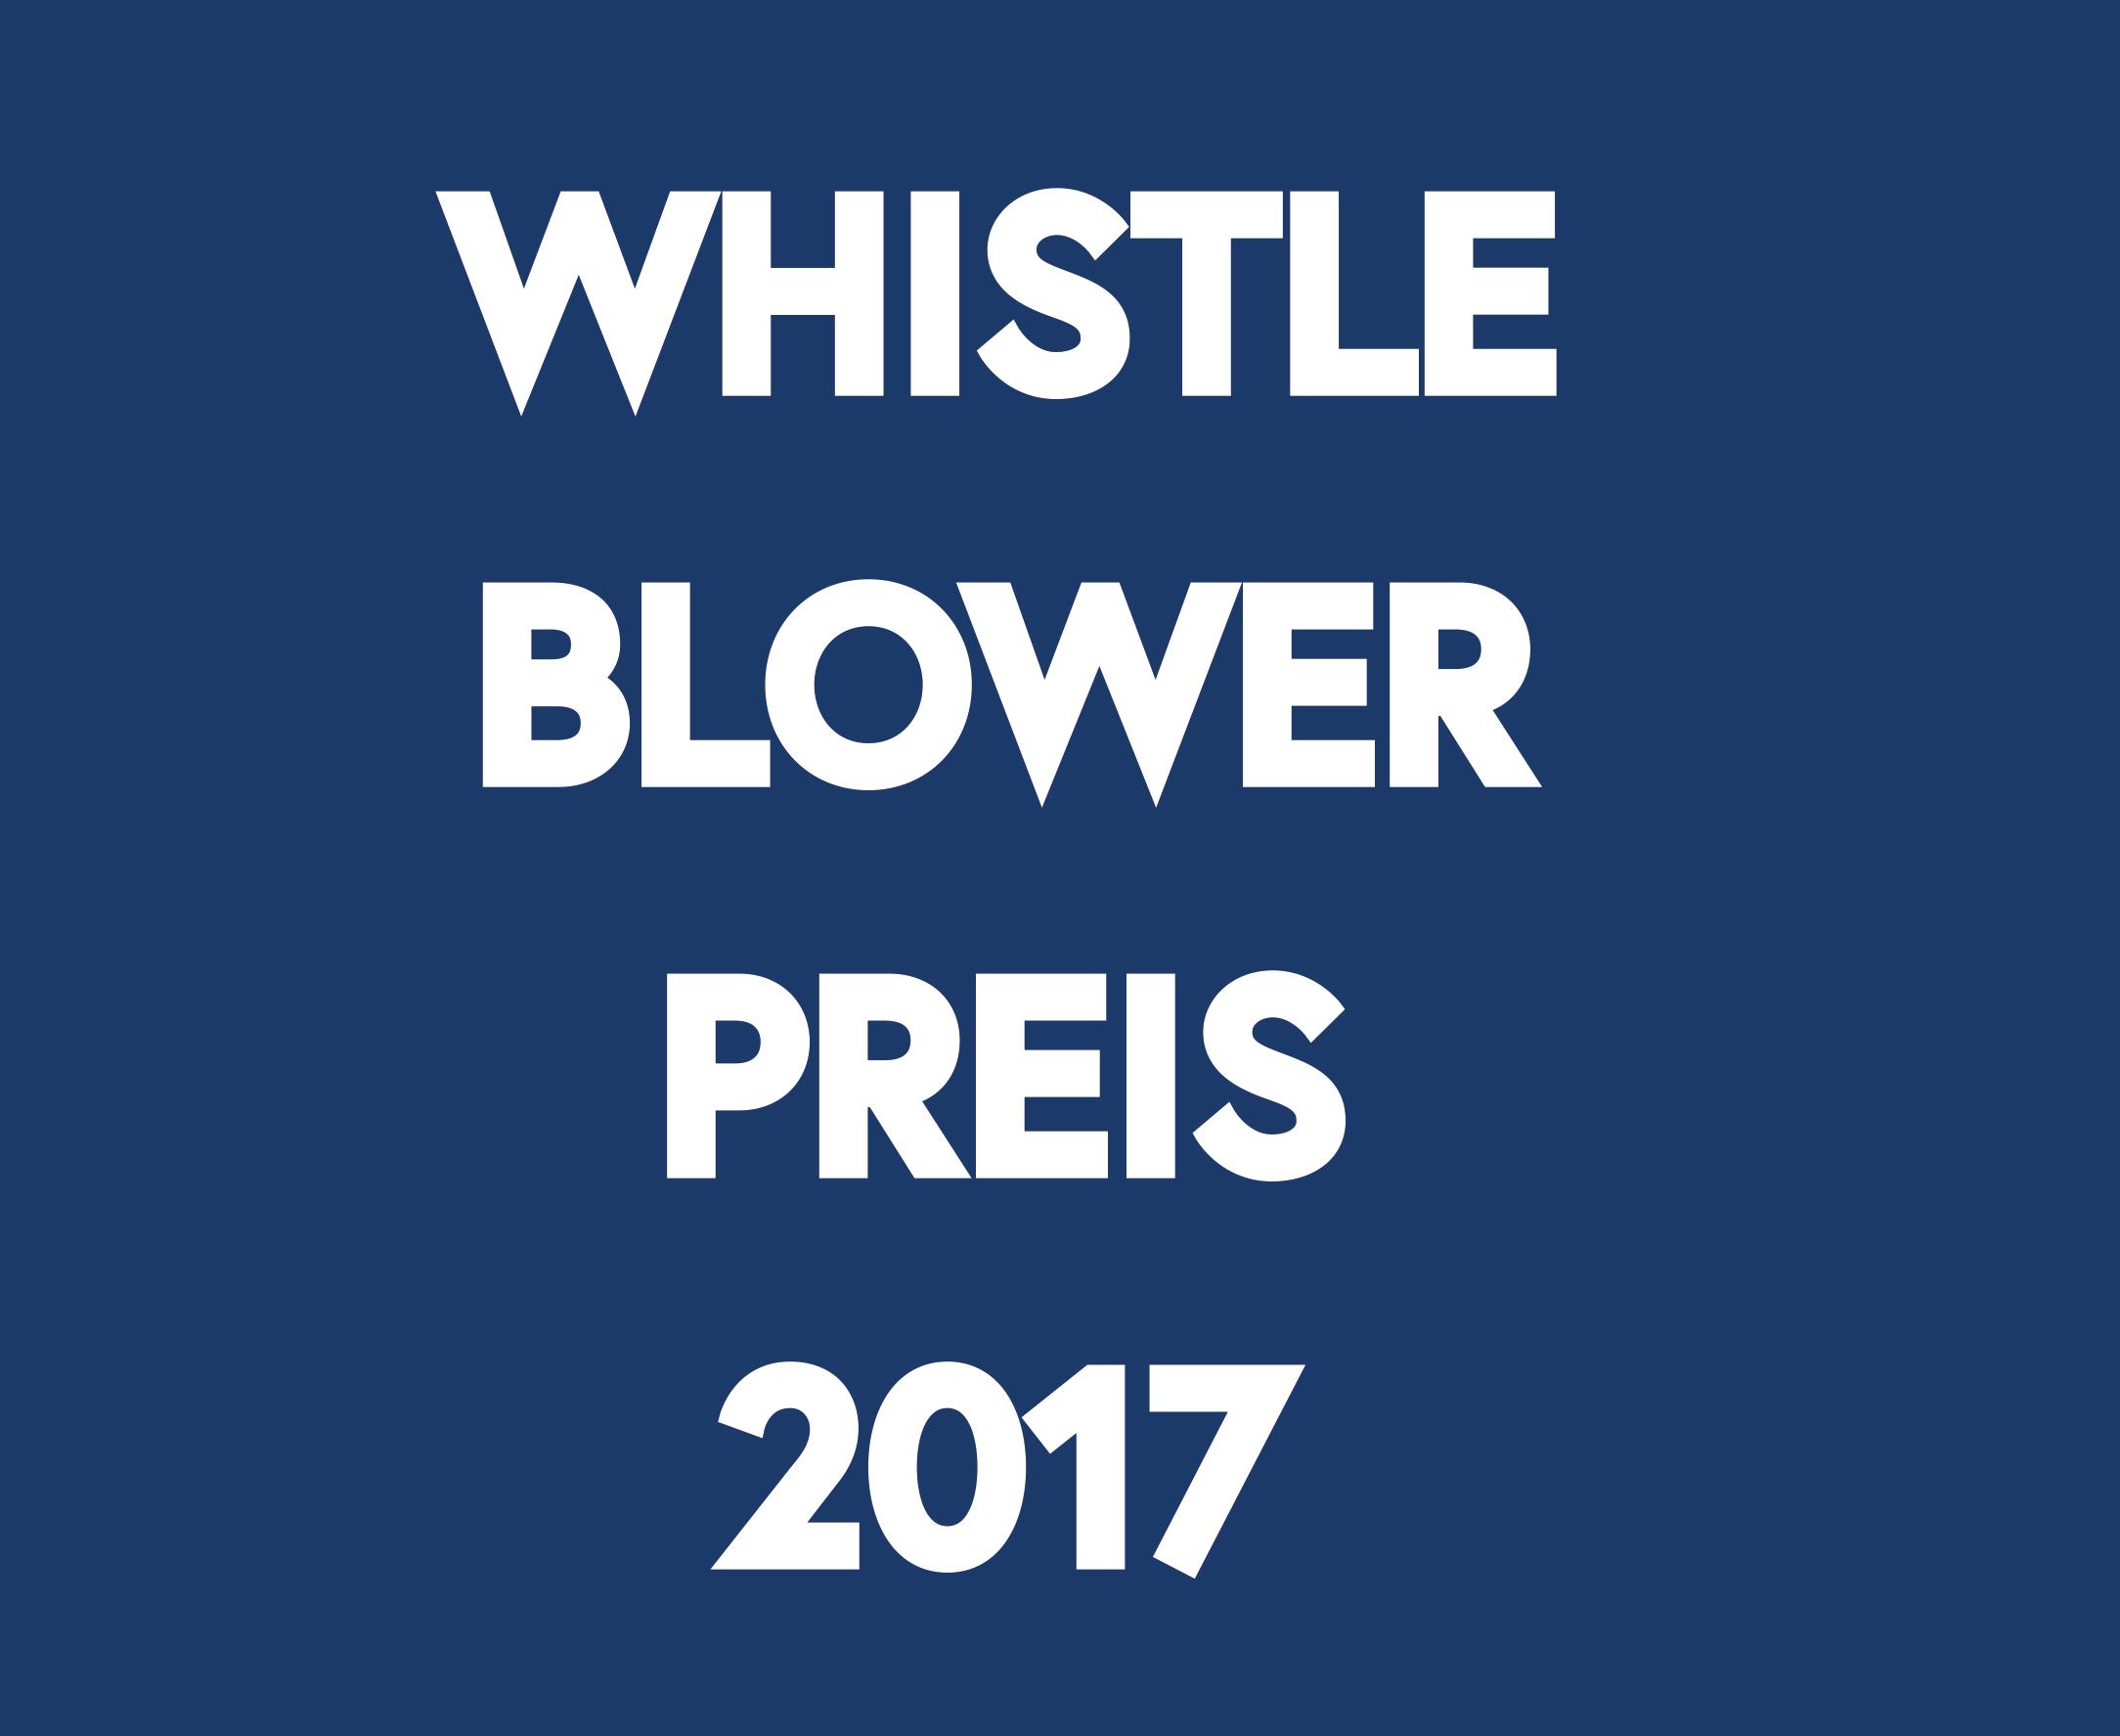 Logo Whistleblower Preis 2017